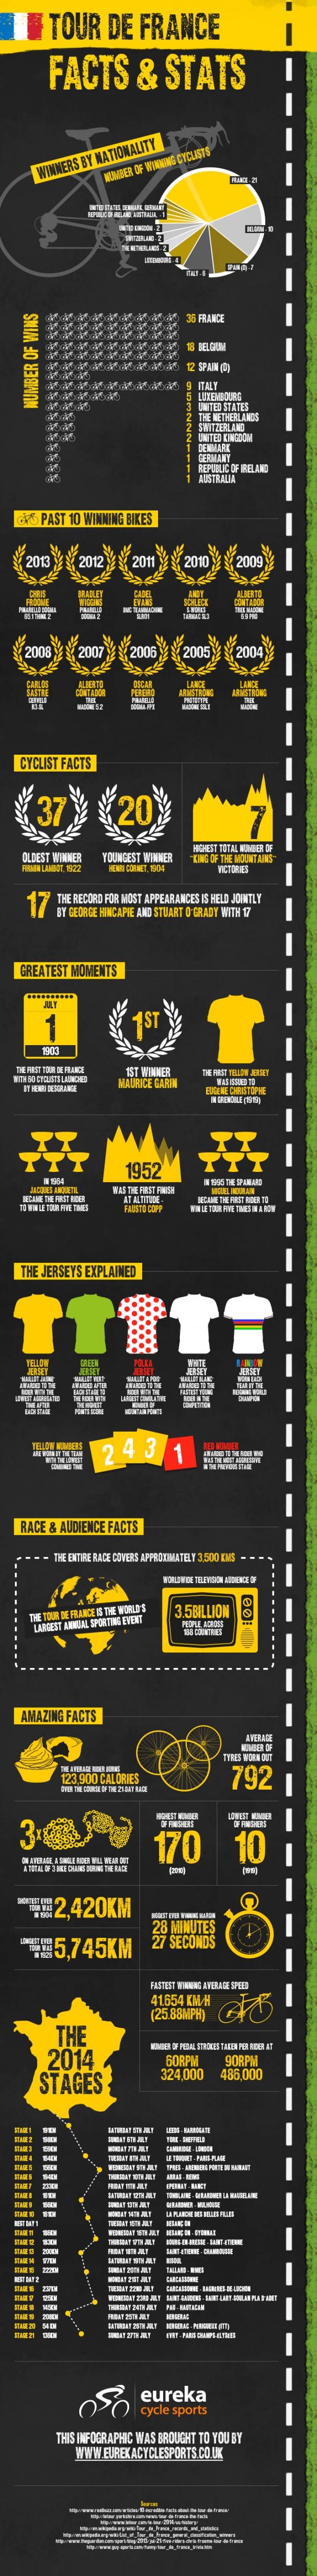 eureka-tour-de-france-infographic